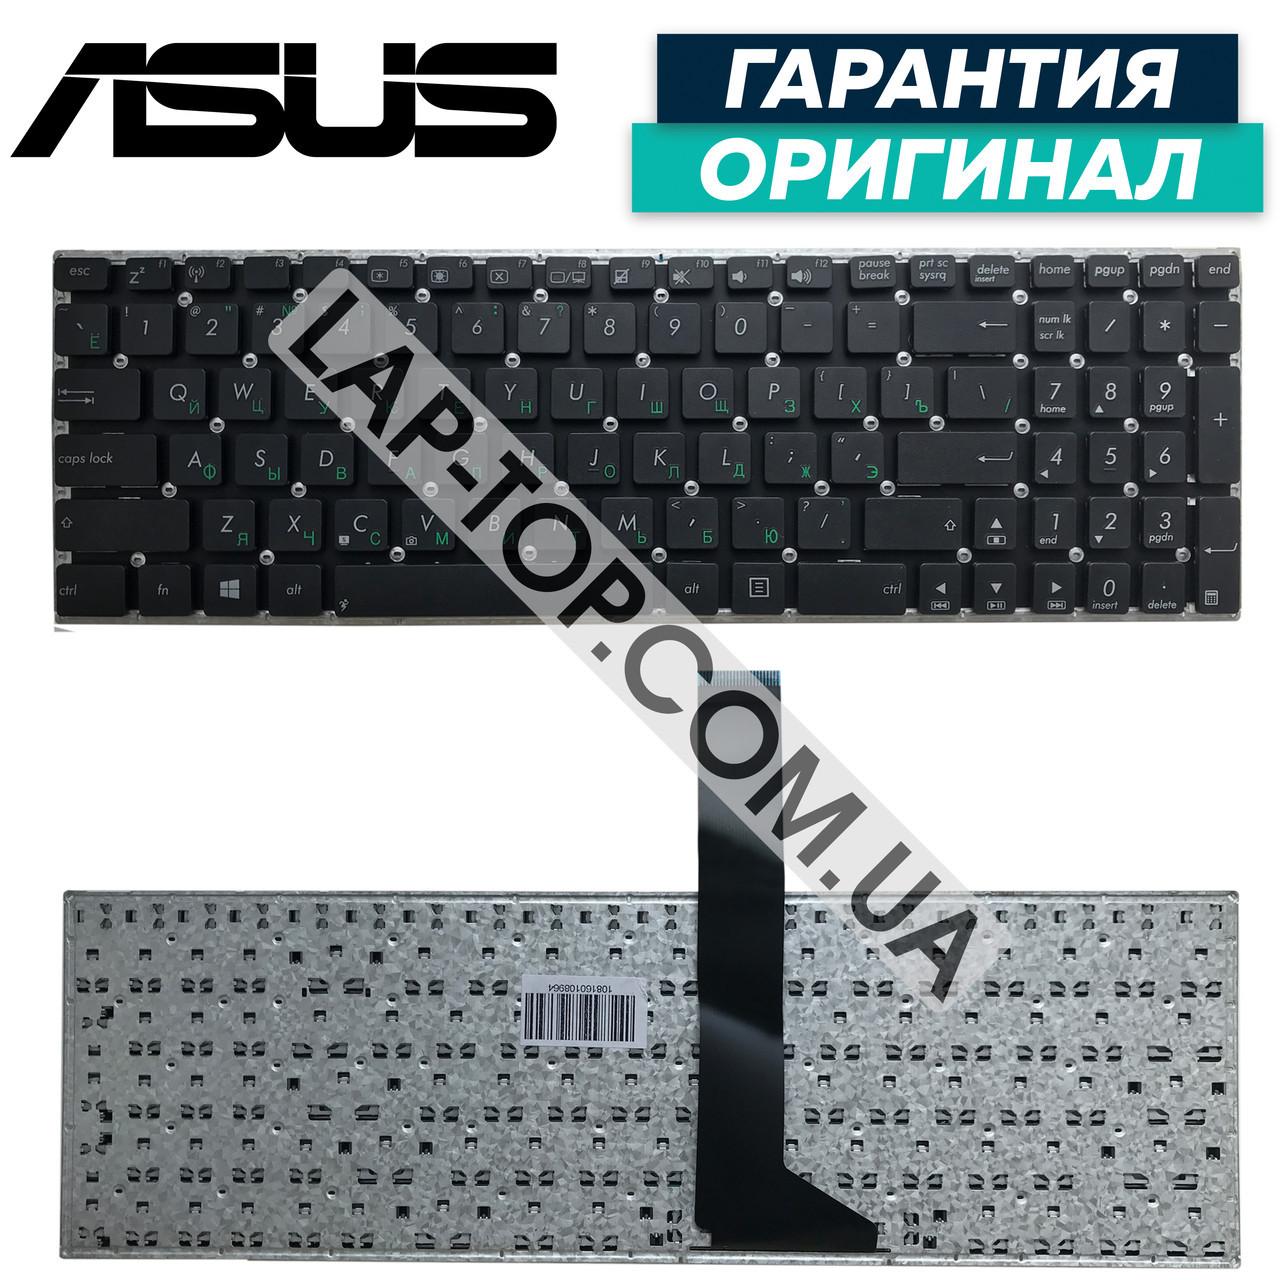 """Клавиатура для ноутбука ASUS NSK-B70SC 0R - Интернет-магазин """"LAP-TOP.COM.UA"""" в Днепре"""